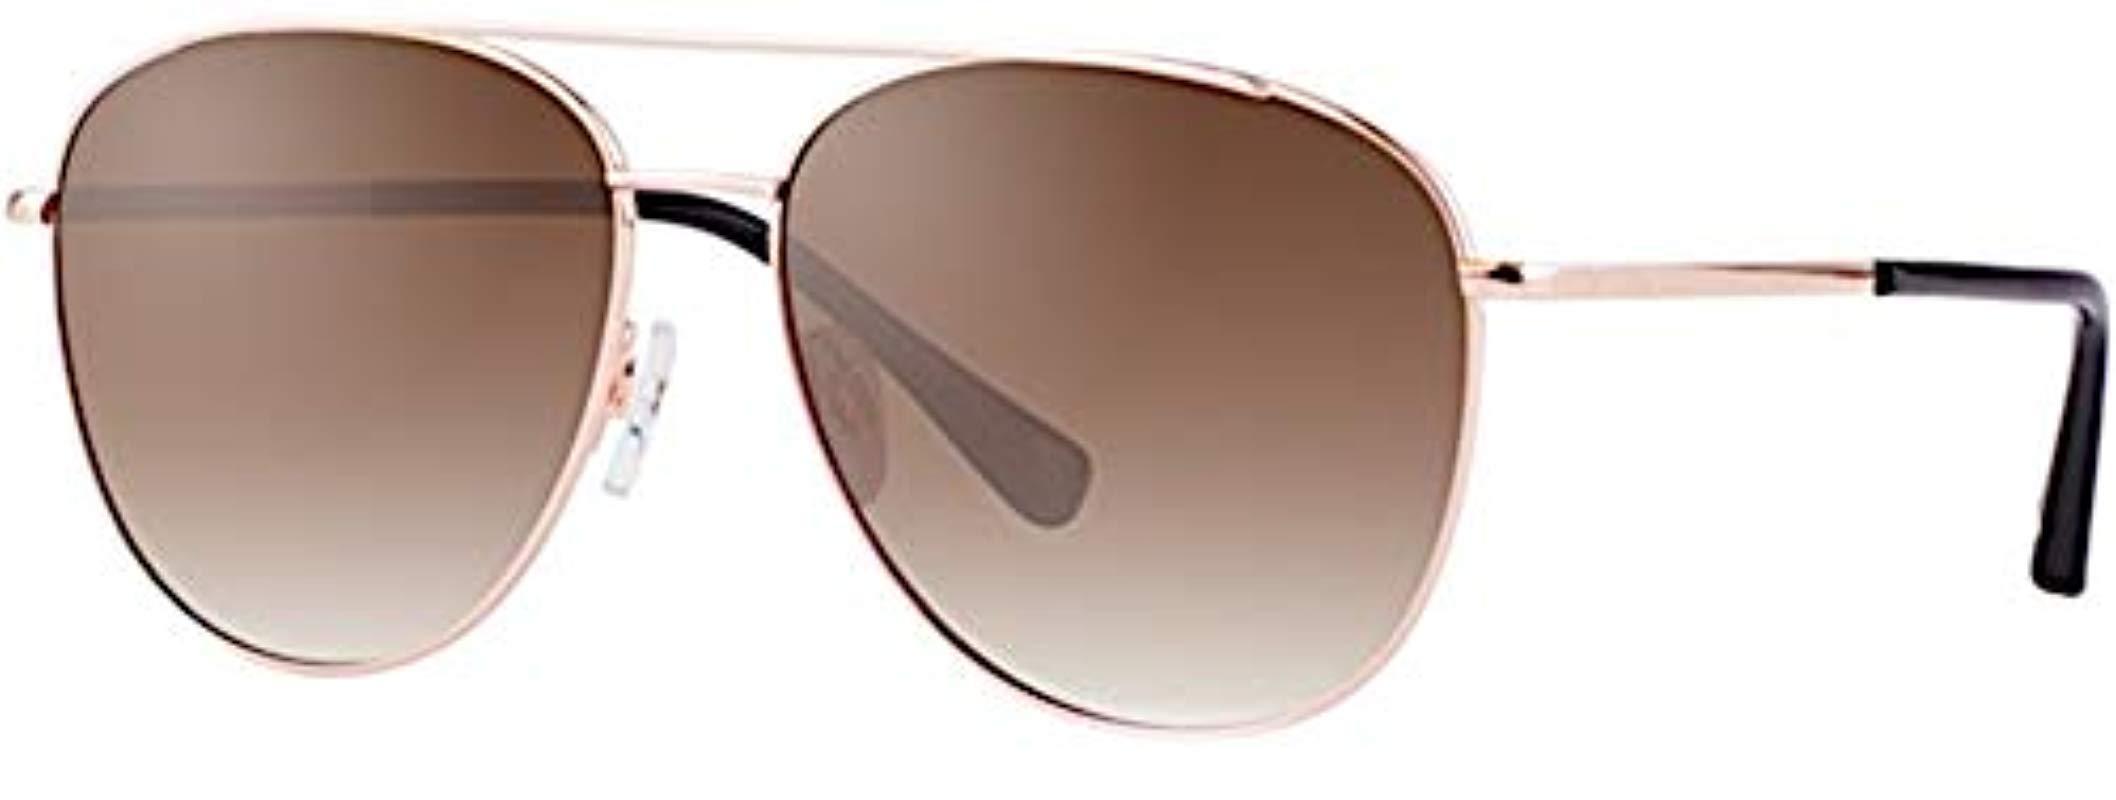 343ad52d74b Ted Baker Sunglasses Demi Sunglasses